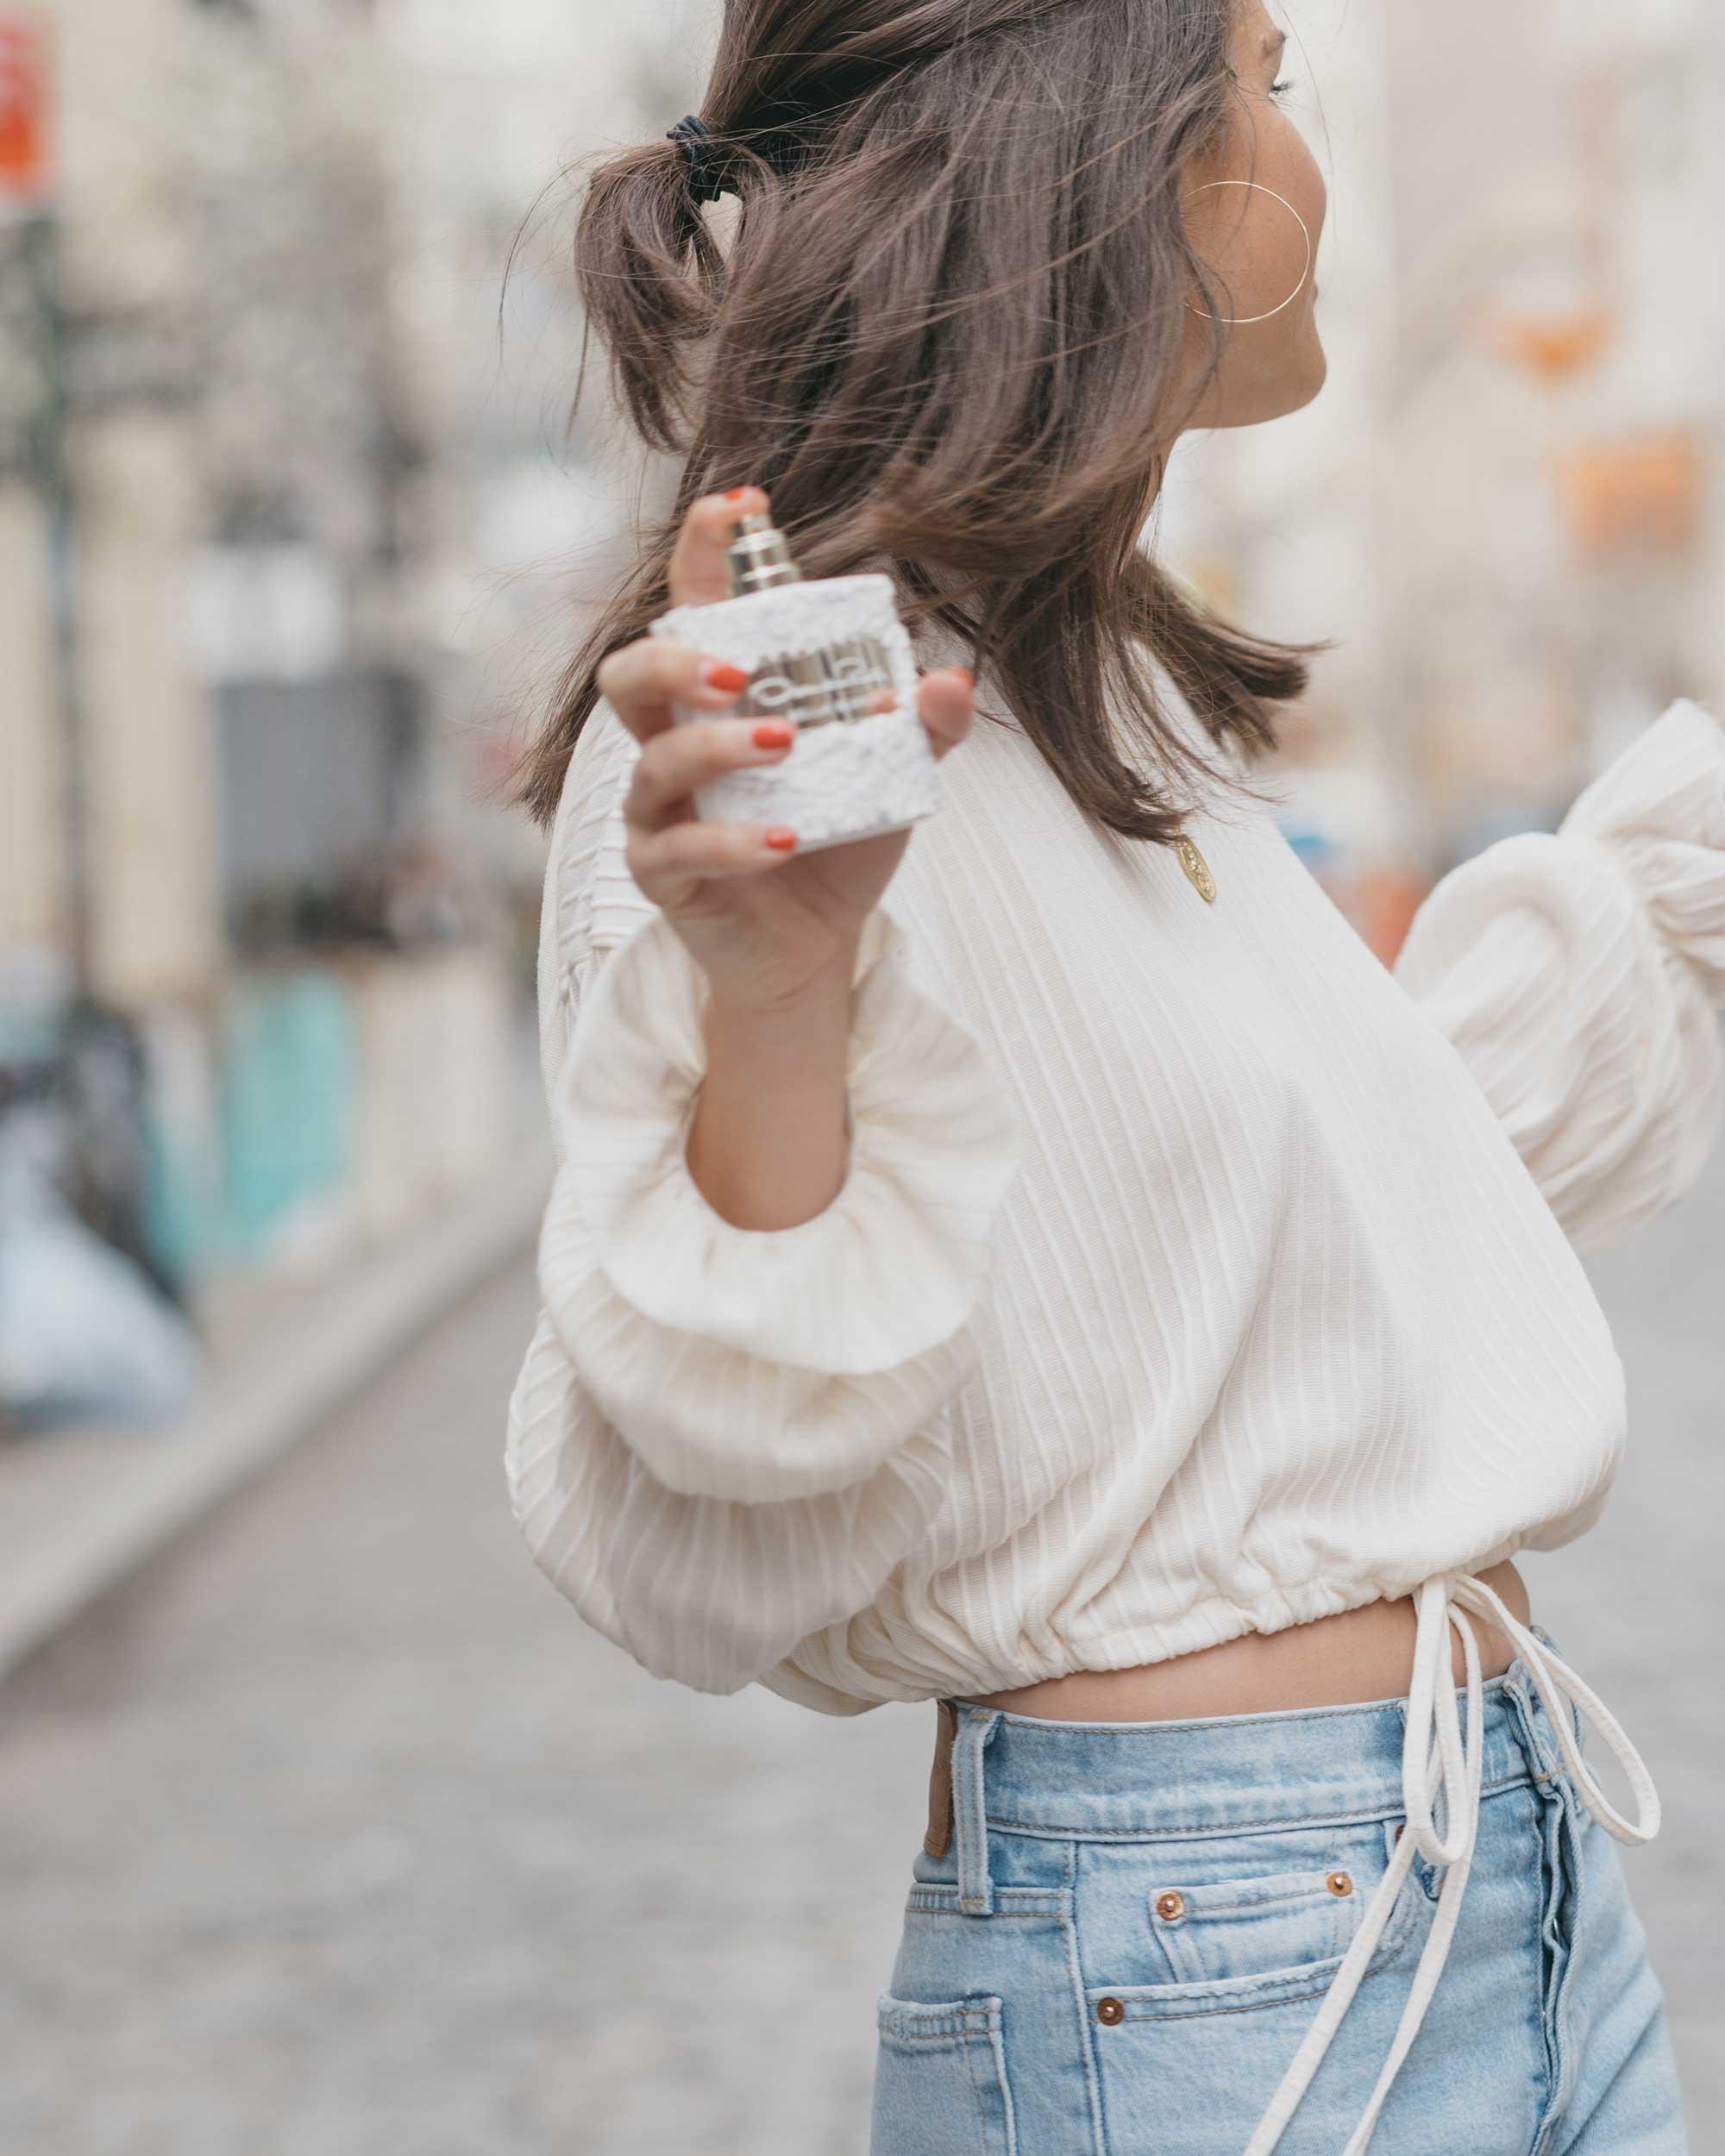 Oscar de la renta Bella Blanca perfume4.jpg